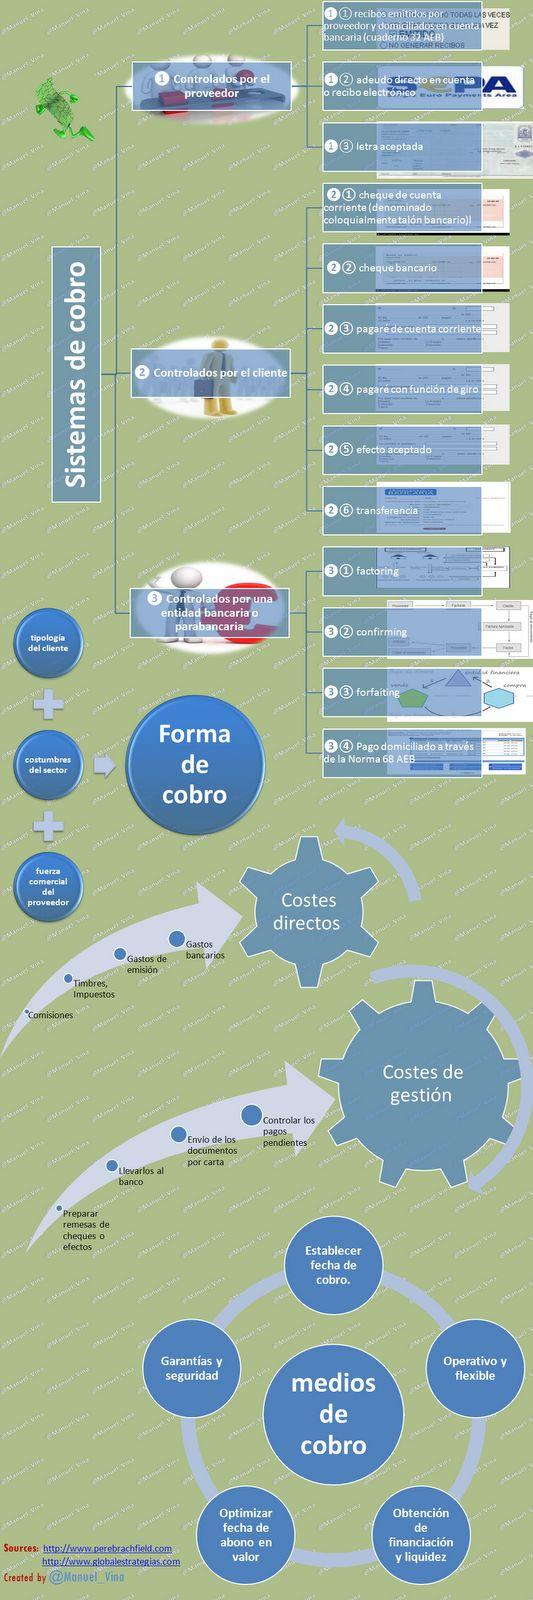 Sistemas de pago en España